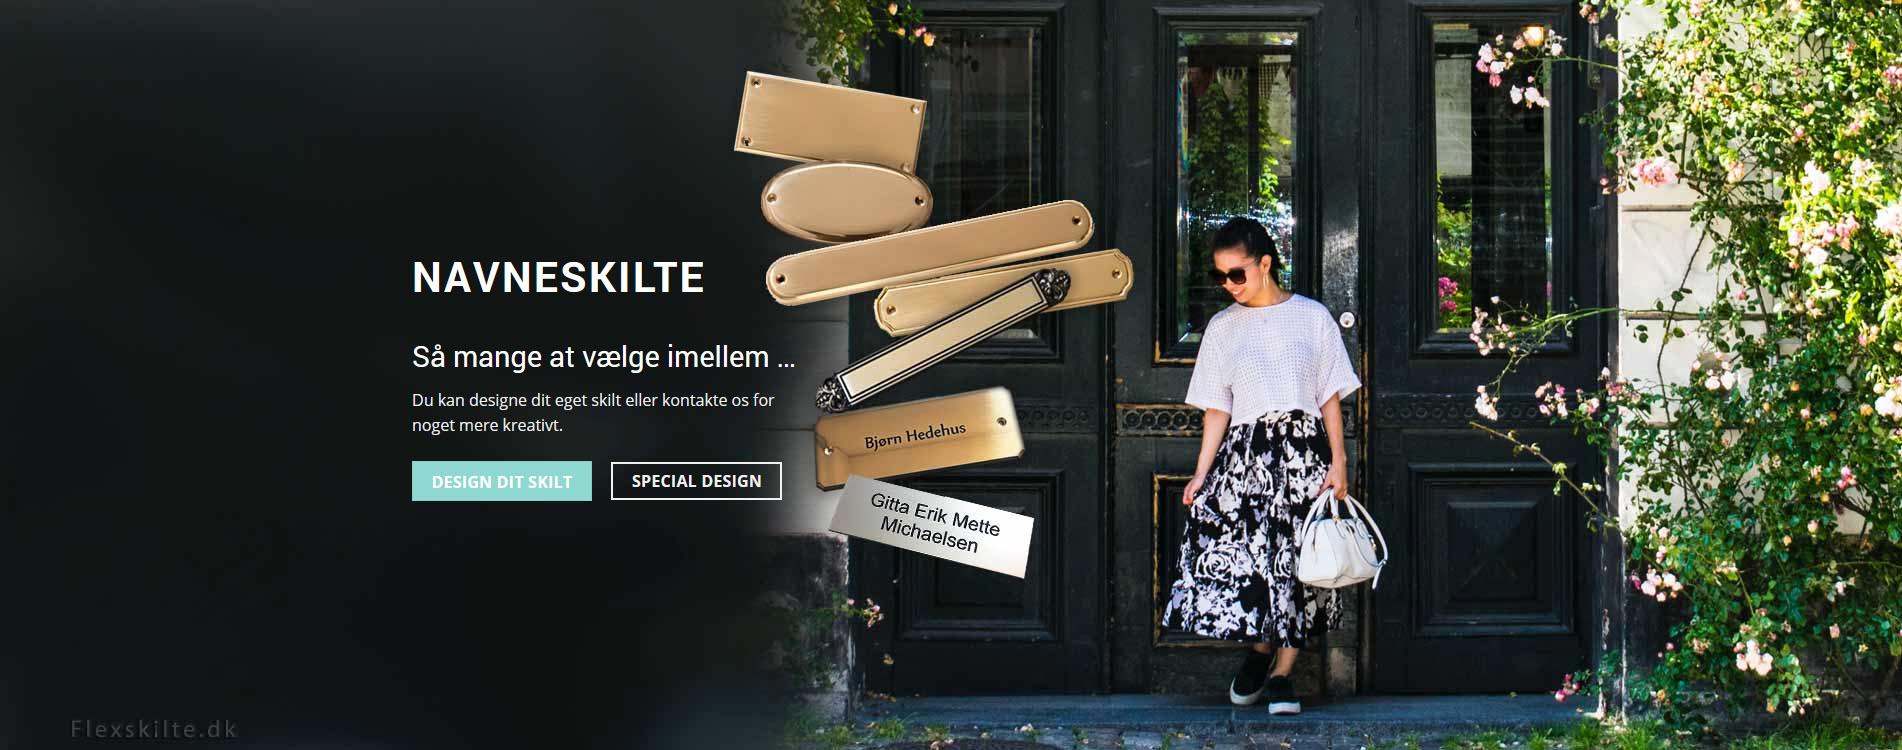 Flexskilte.dk navneskilte slider eksempel